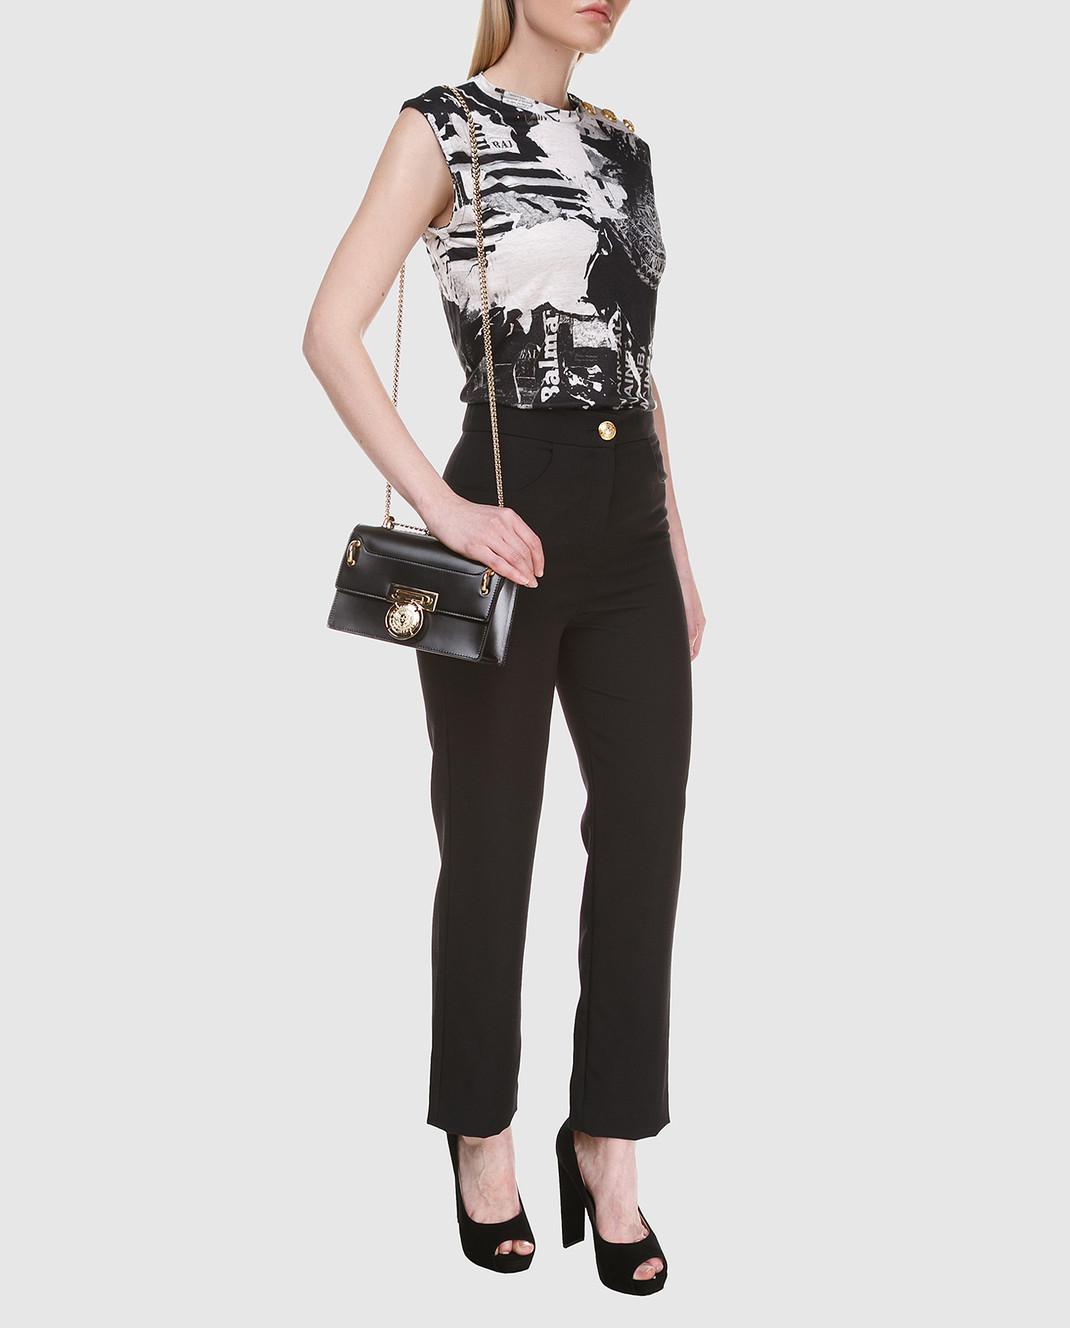 Balmain Черные брюки 135104 изображение 2